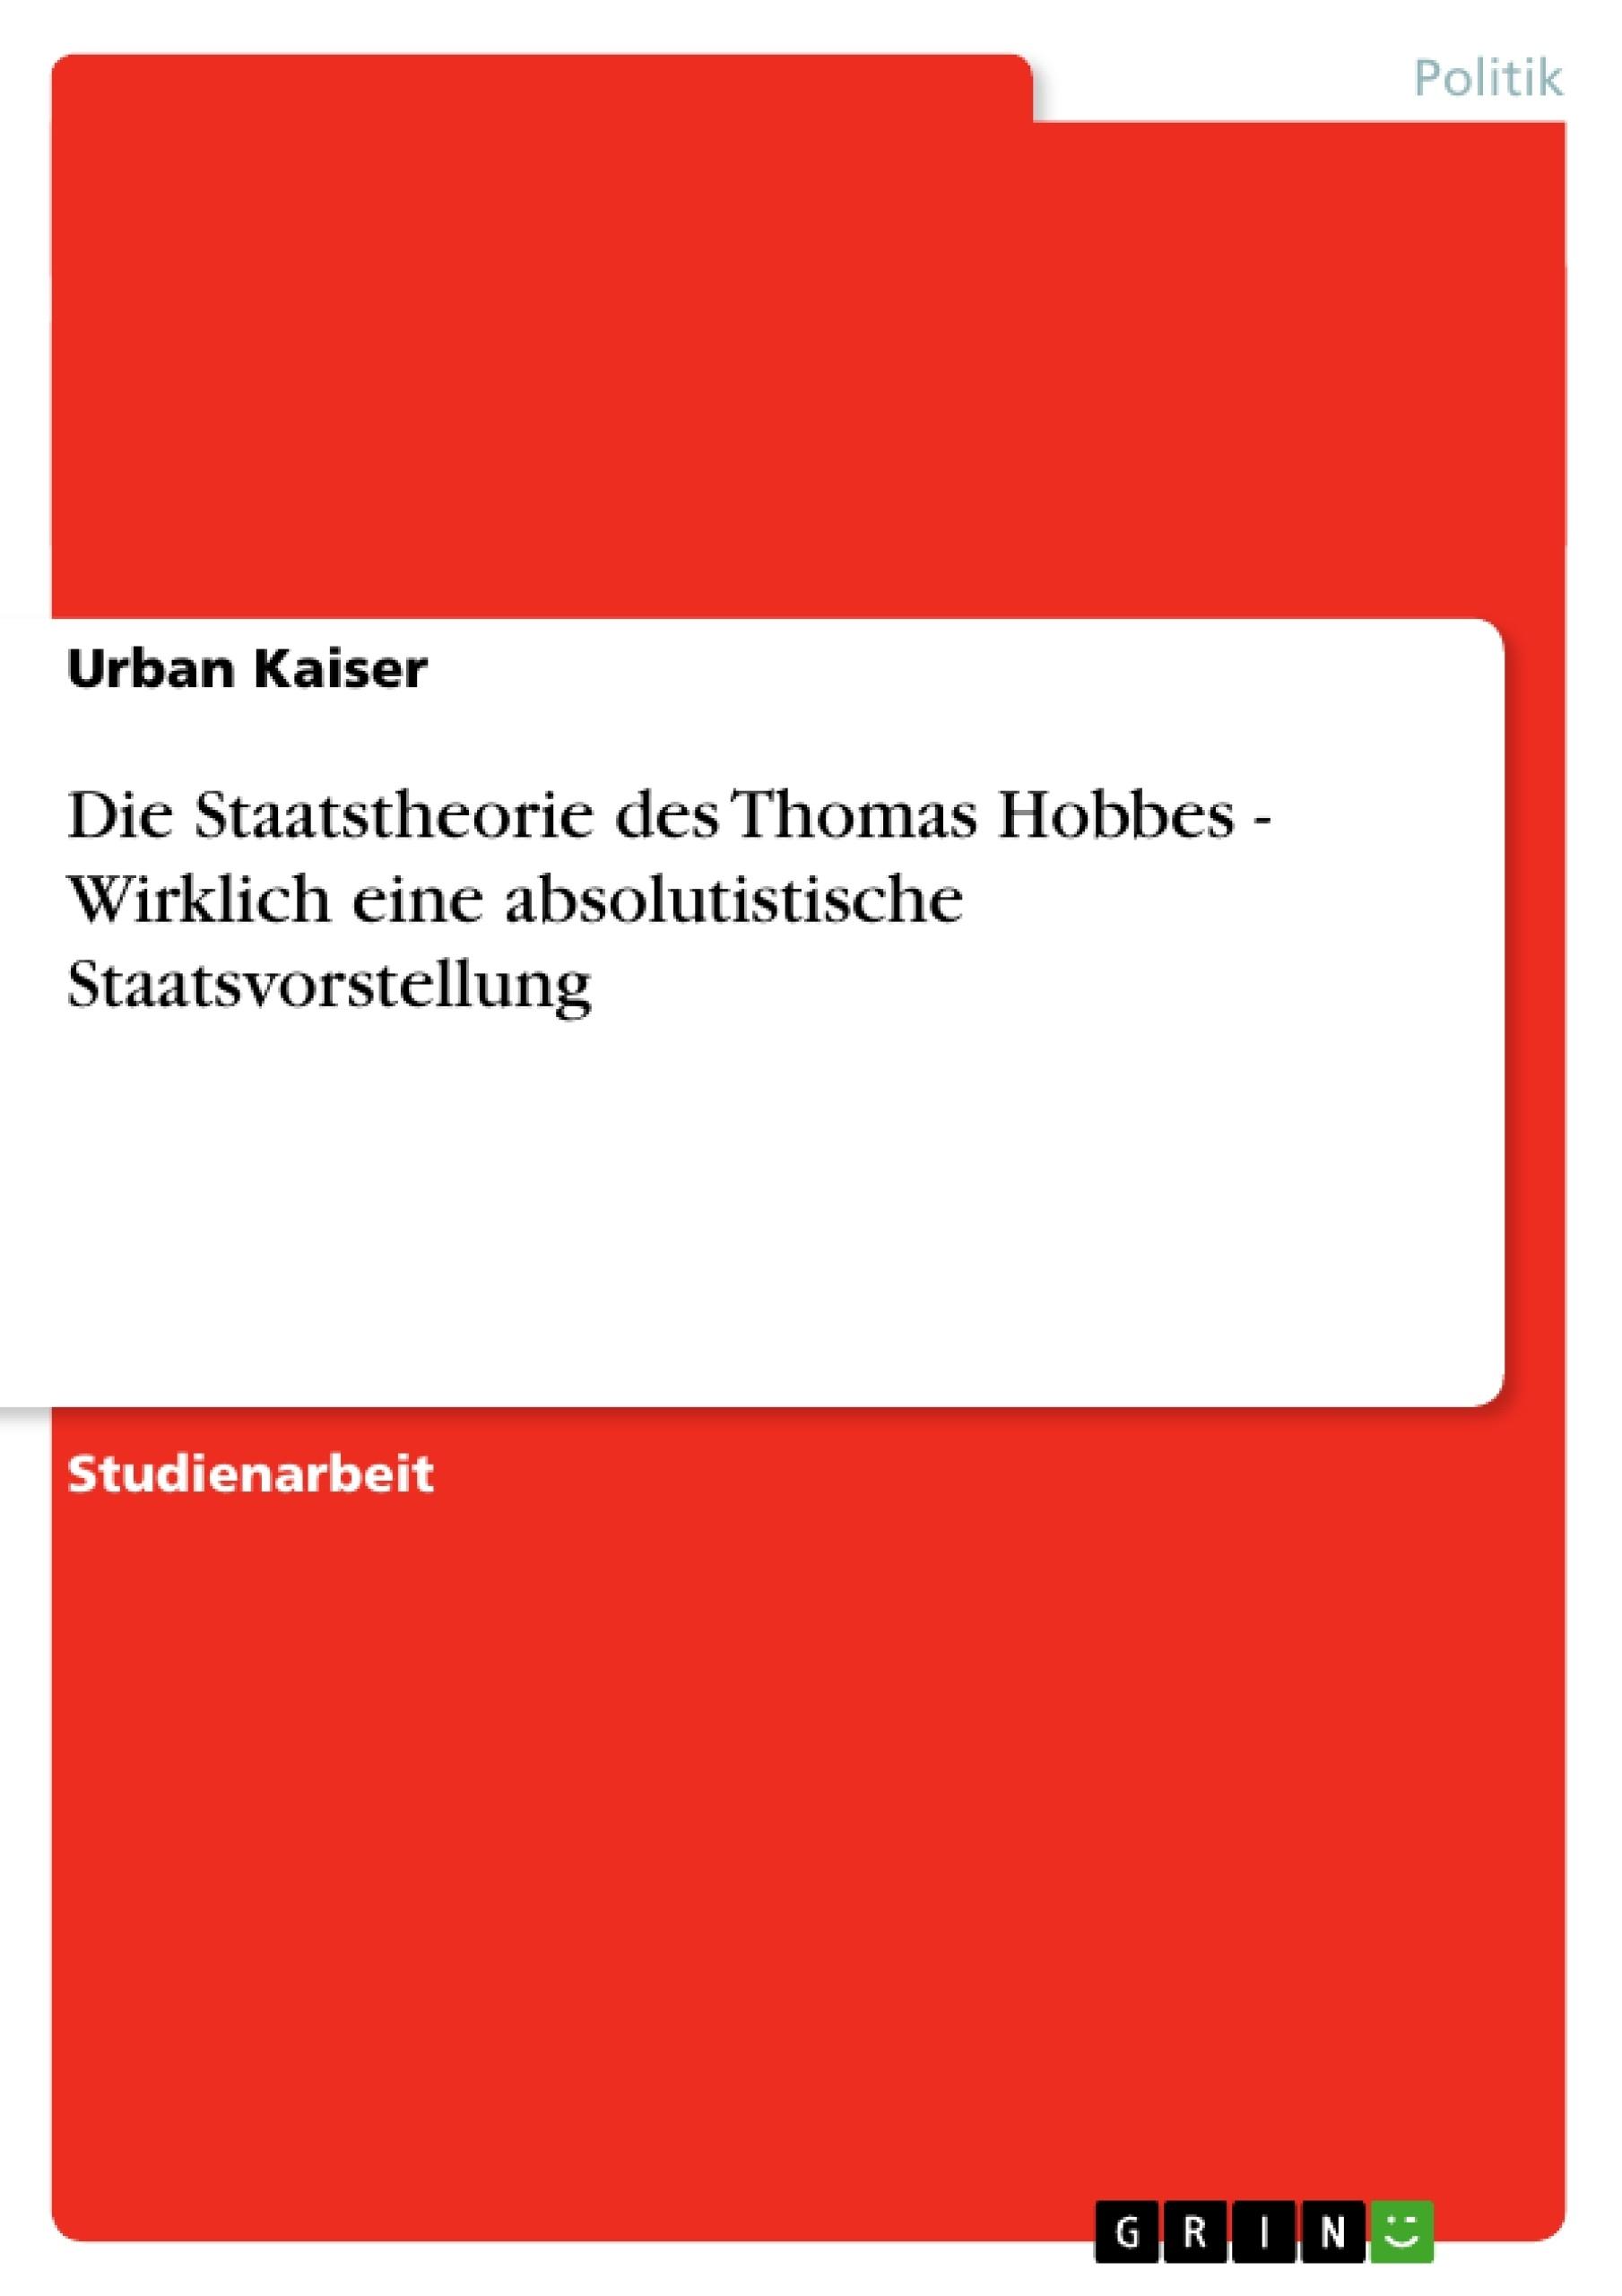 Titel: Die Staatstheorie des Thomas Hobbes - Wirklich eine absolutistische Staatsvorstellung